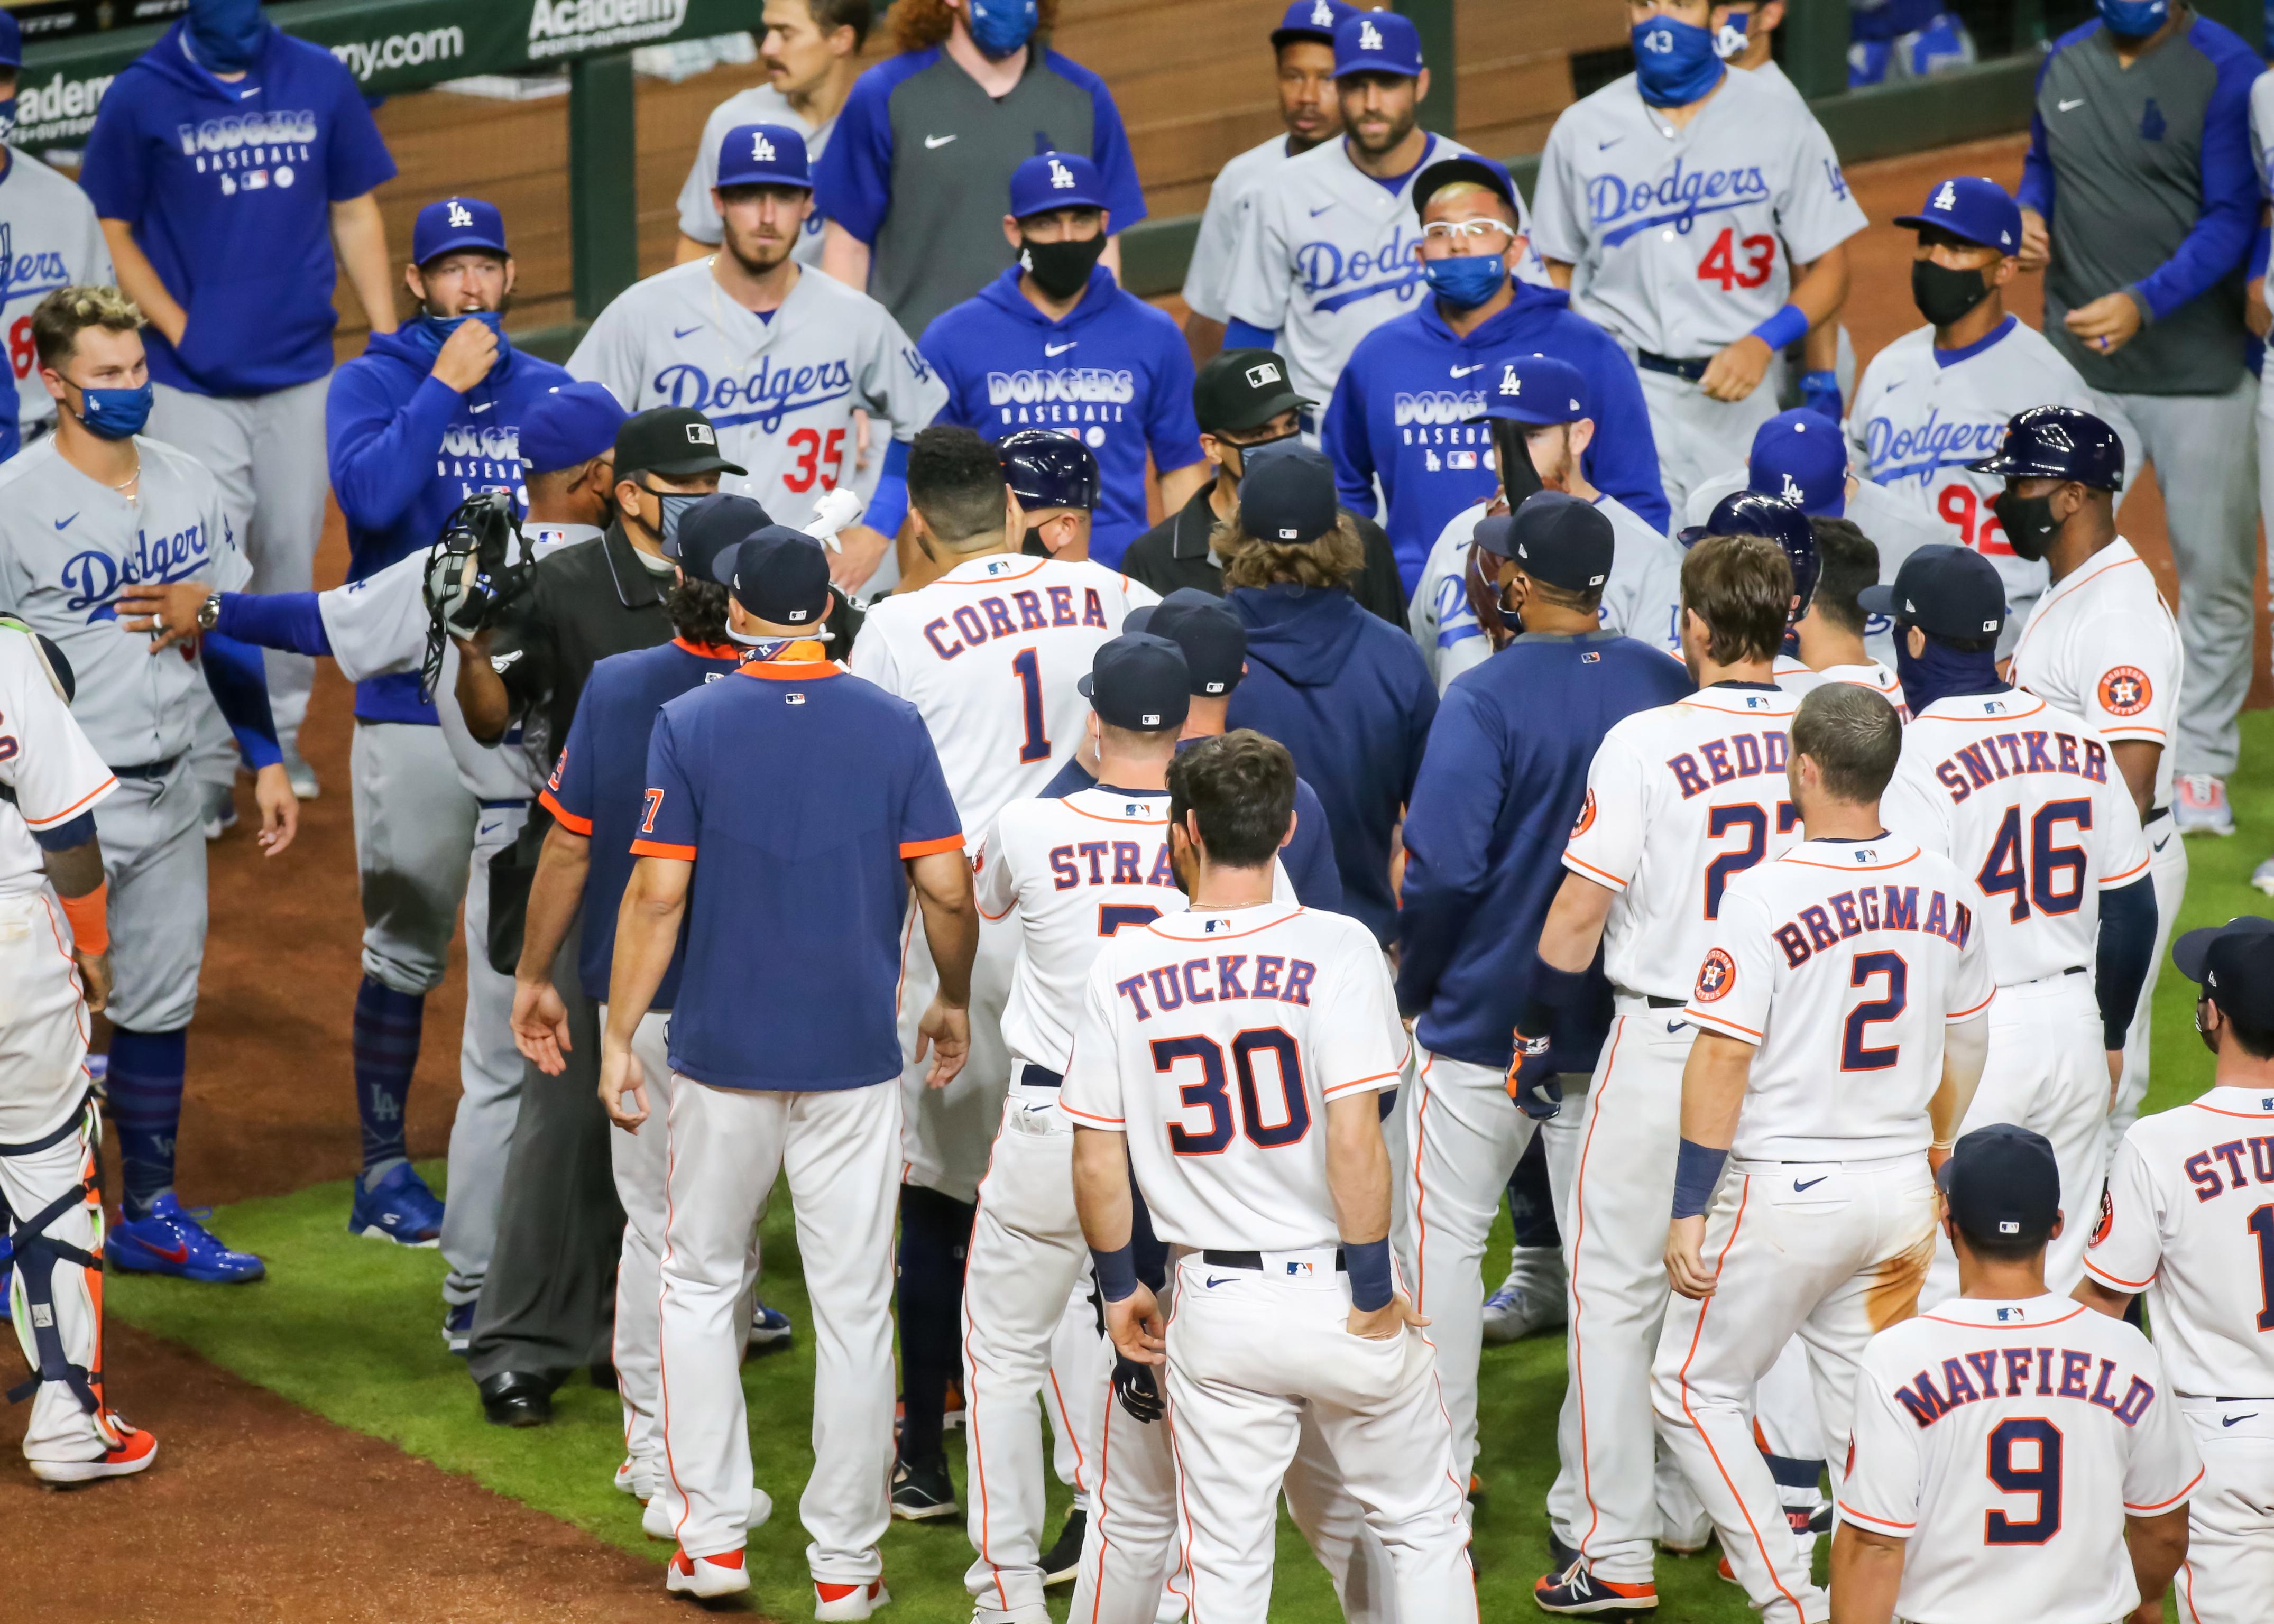 Dodgers derrotan a Astros, en juego con altercado 2